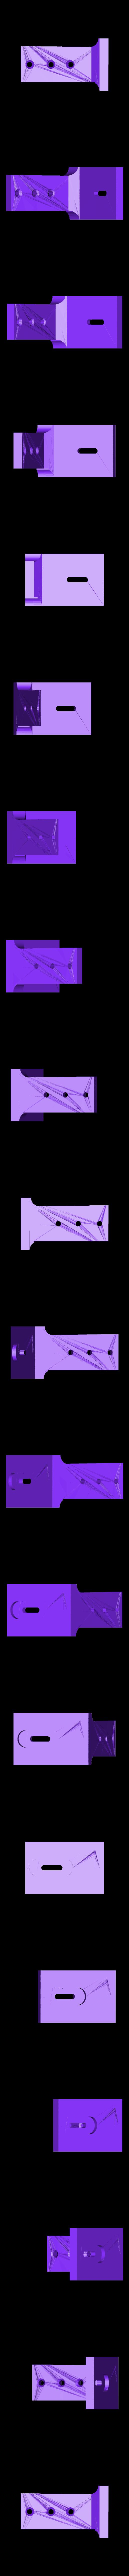 """vertion2_support_niveau_laser.stl Télécharger fichier STL gratuit Support avec vis 1/4"""" fixation niveau laser ou appareille photo pour fixation par vis ou serre joint  • Plan pour impression 3D, papounet1951"""